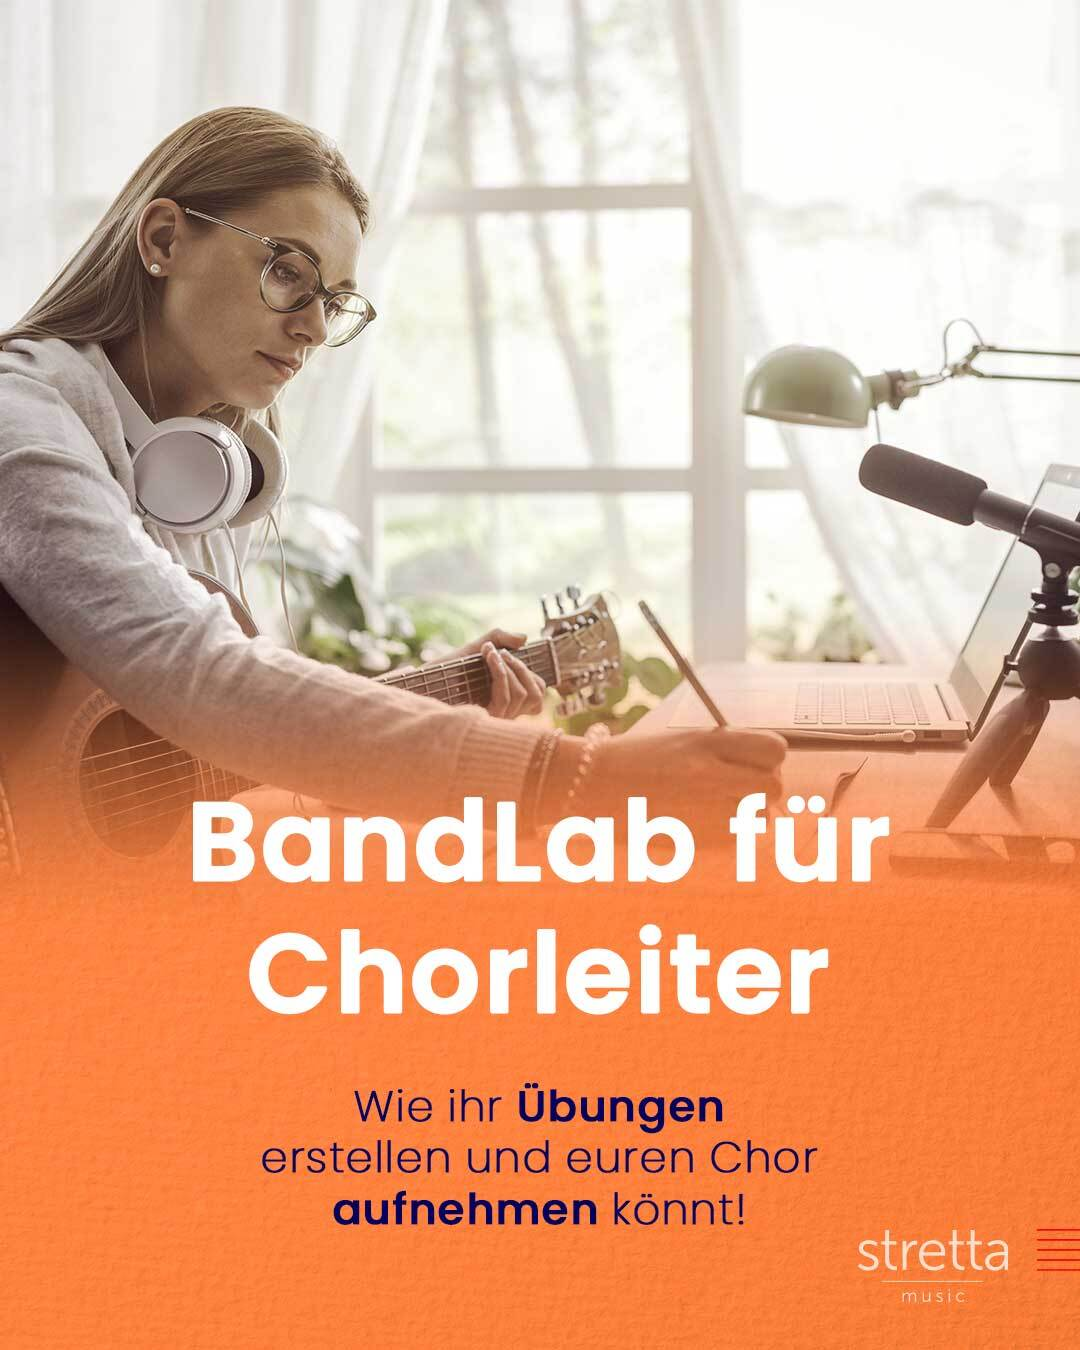 BandLab, ein kostenloses Tool zum Aufnehmen und wie Chorleiter es auch anders nutzen können